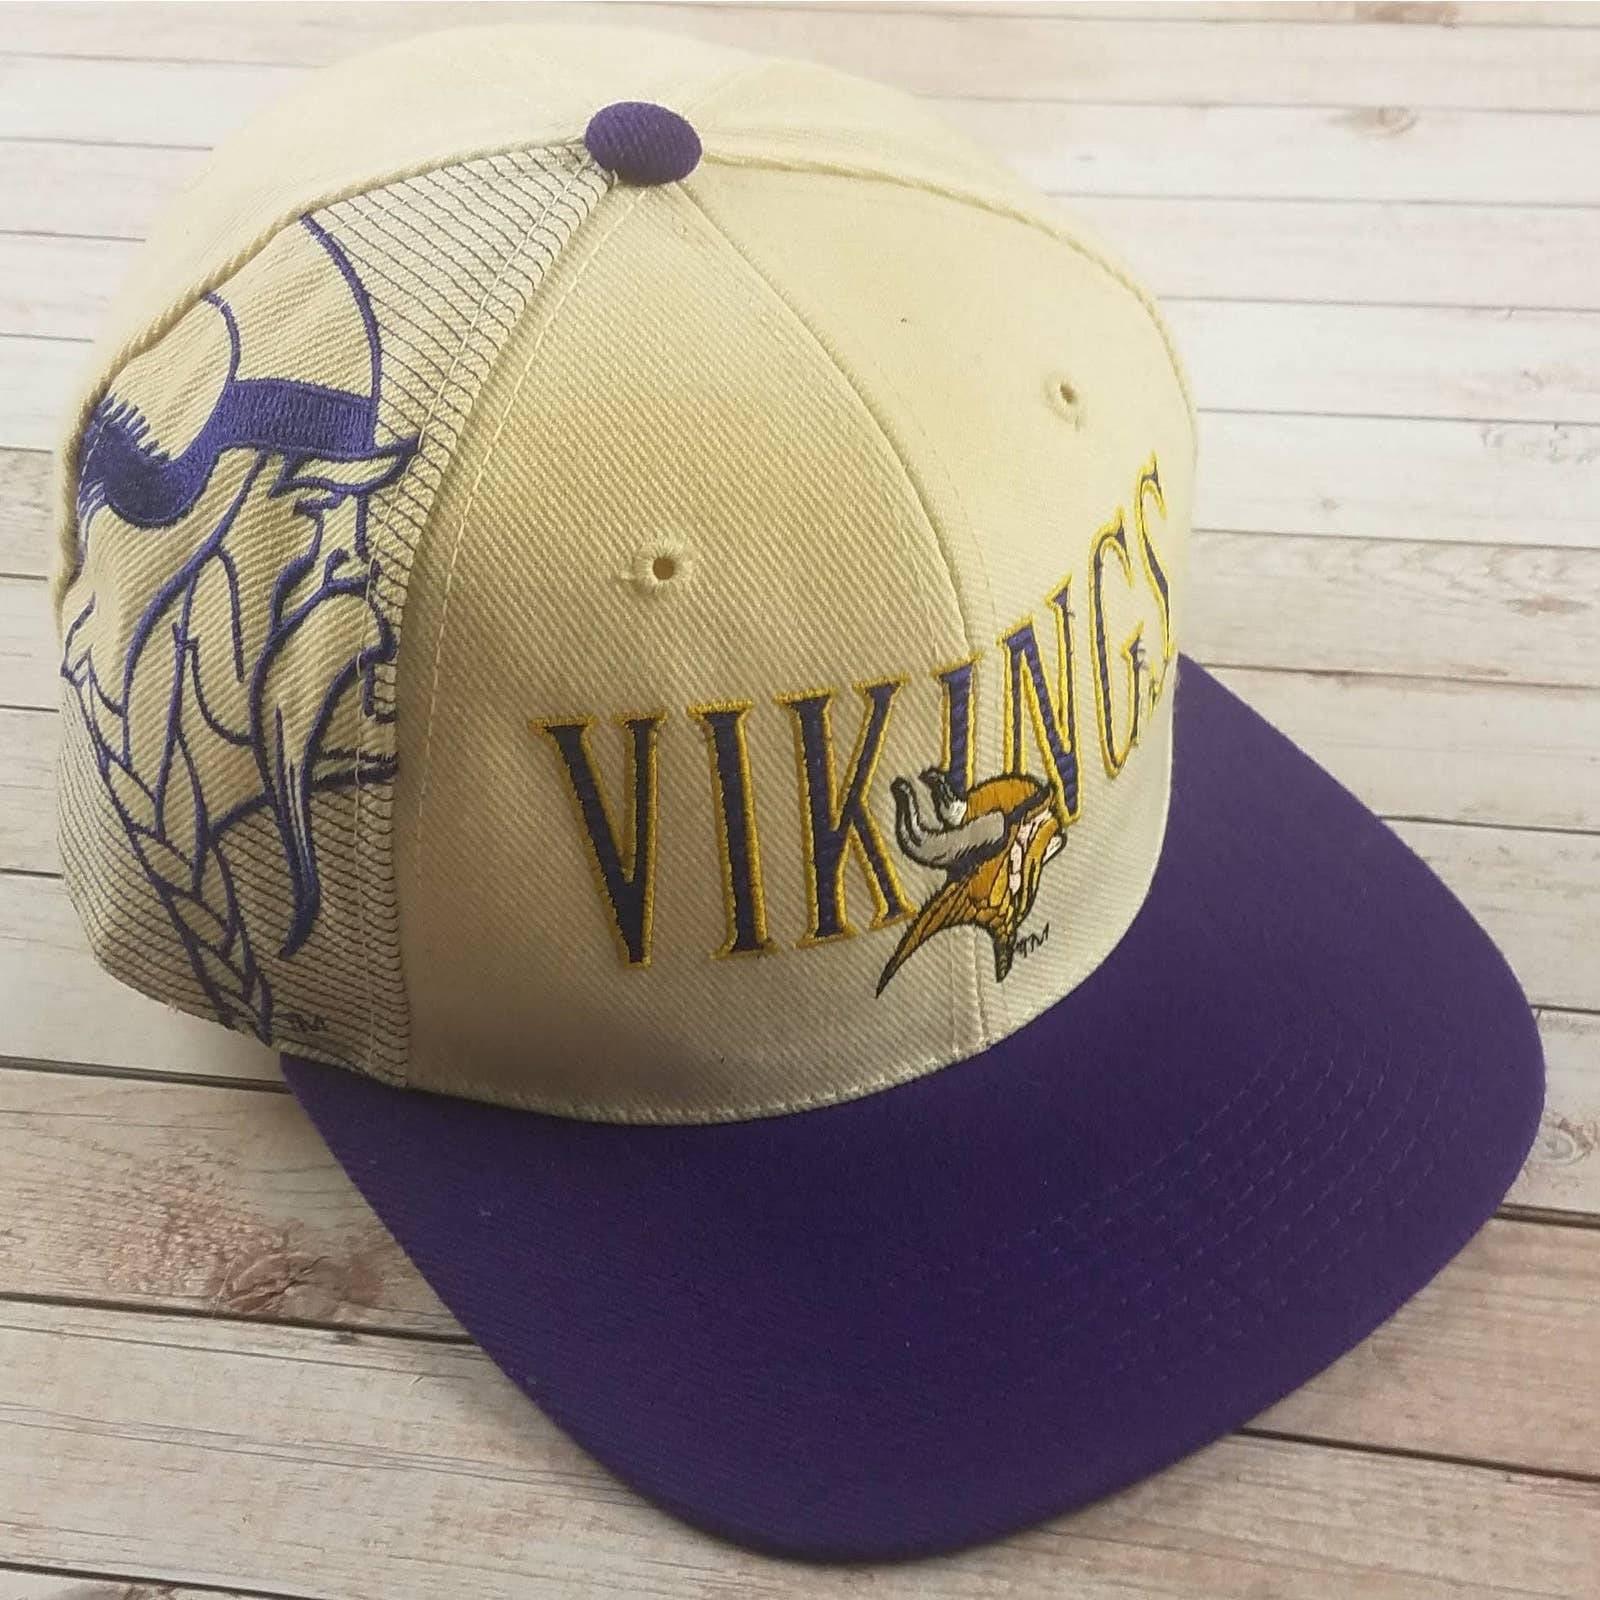 VTG 90s Vikings SS Laser Snapback Hat